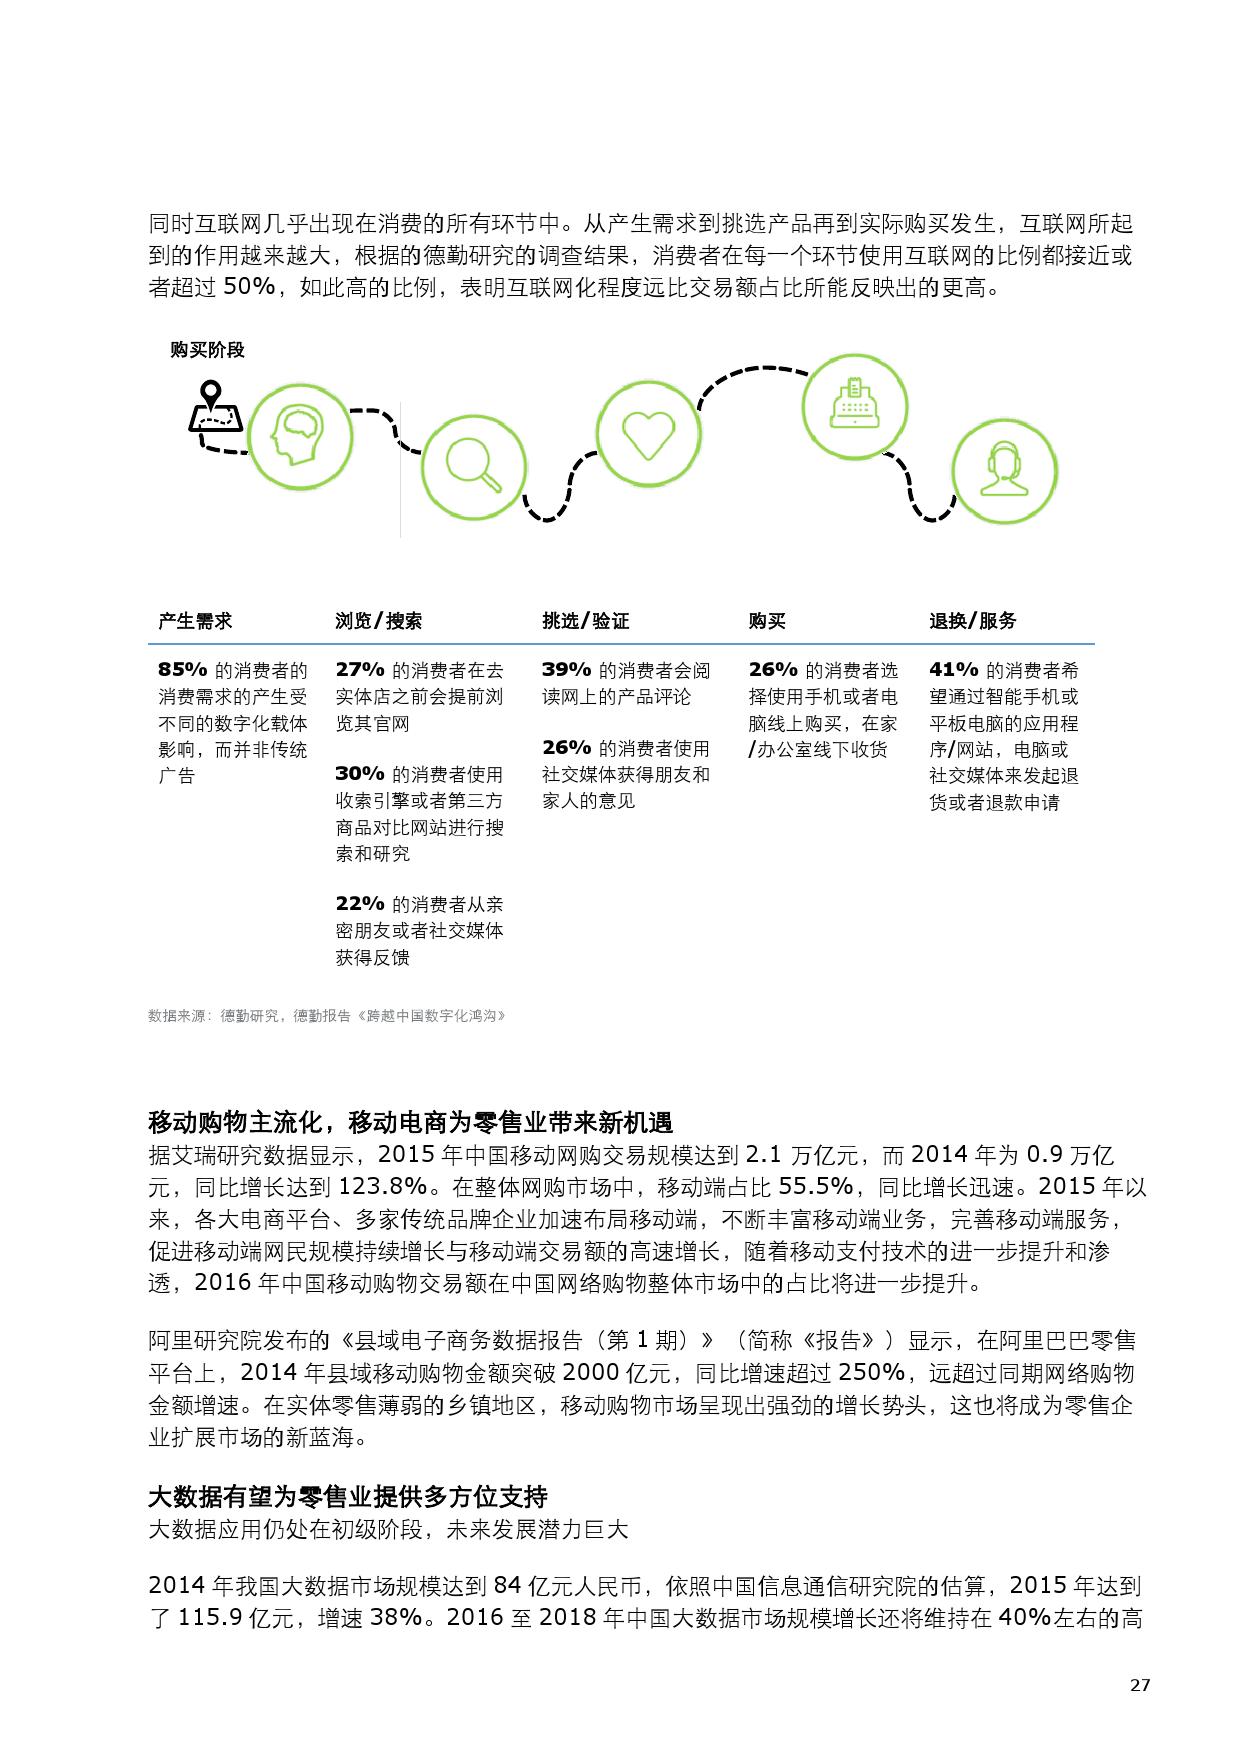 2015中国零售产业投资促进报告_000035